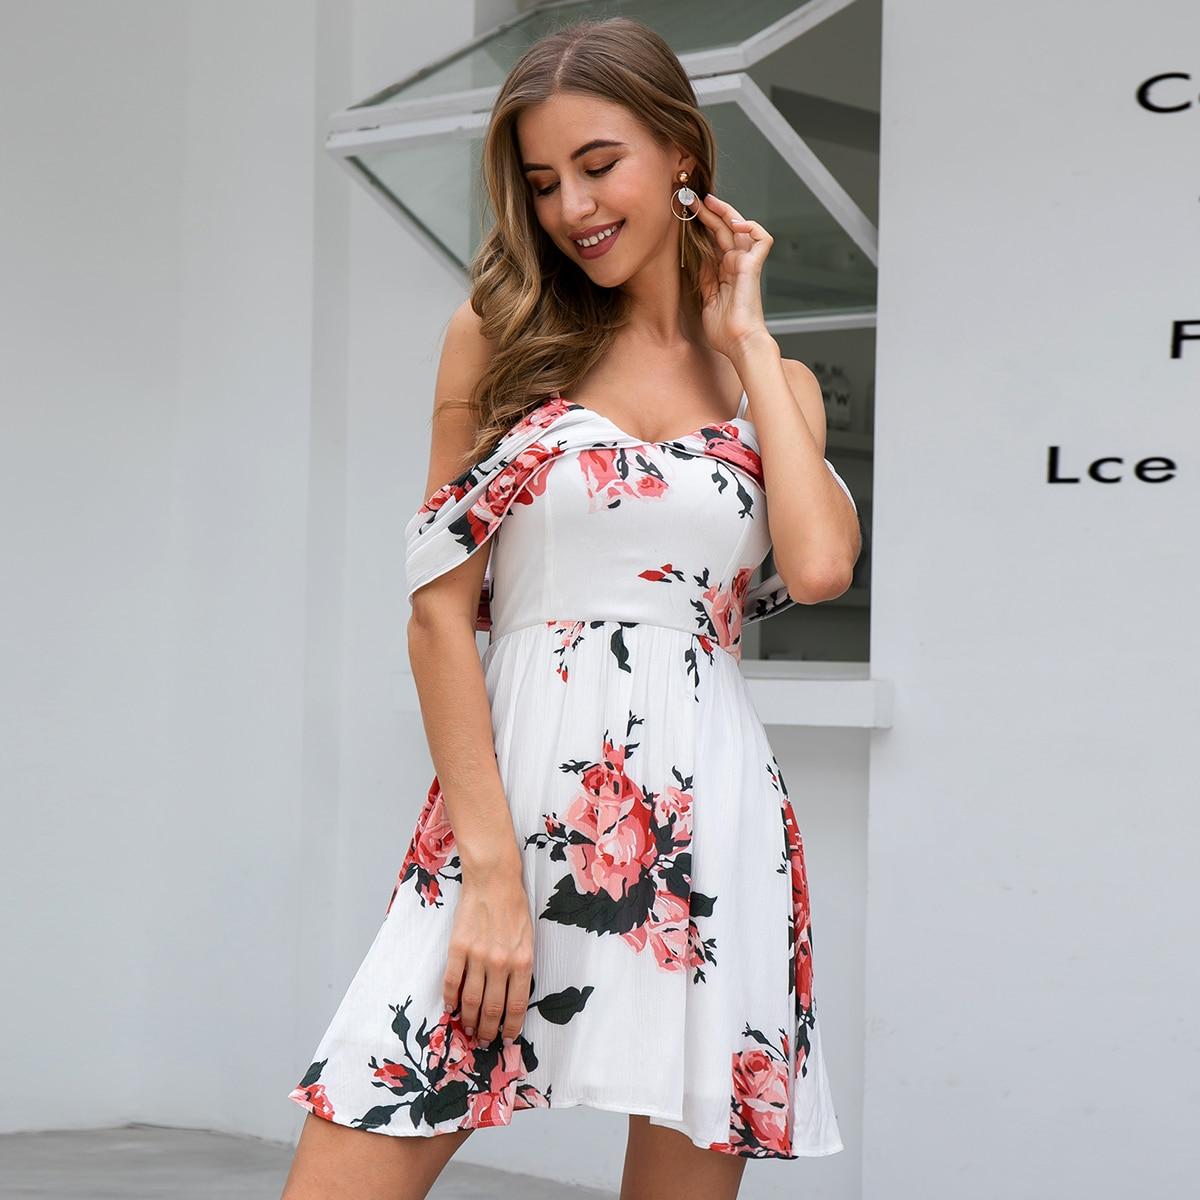 Double Crazy Платье с открытыми плечами и цветочным принтом фото